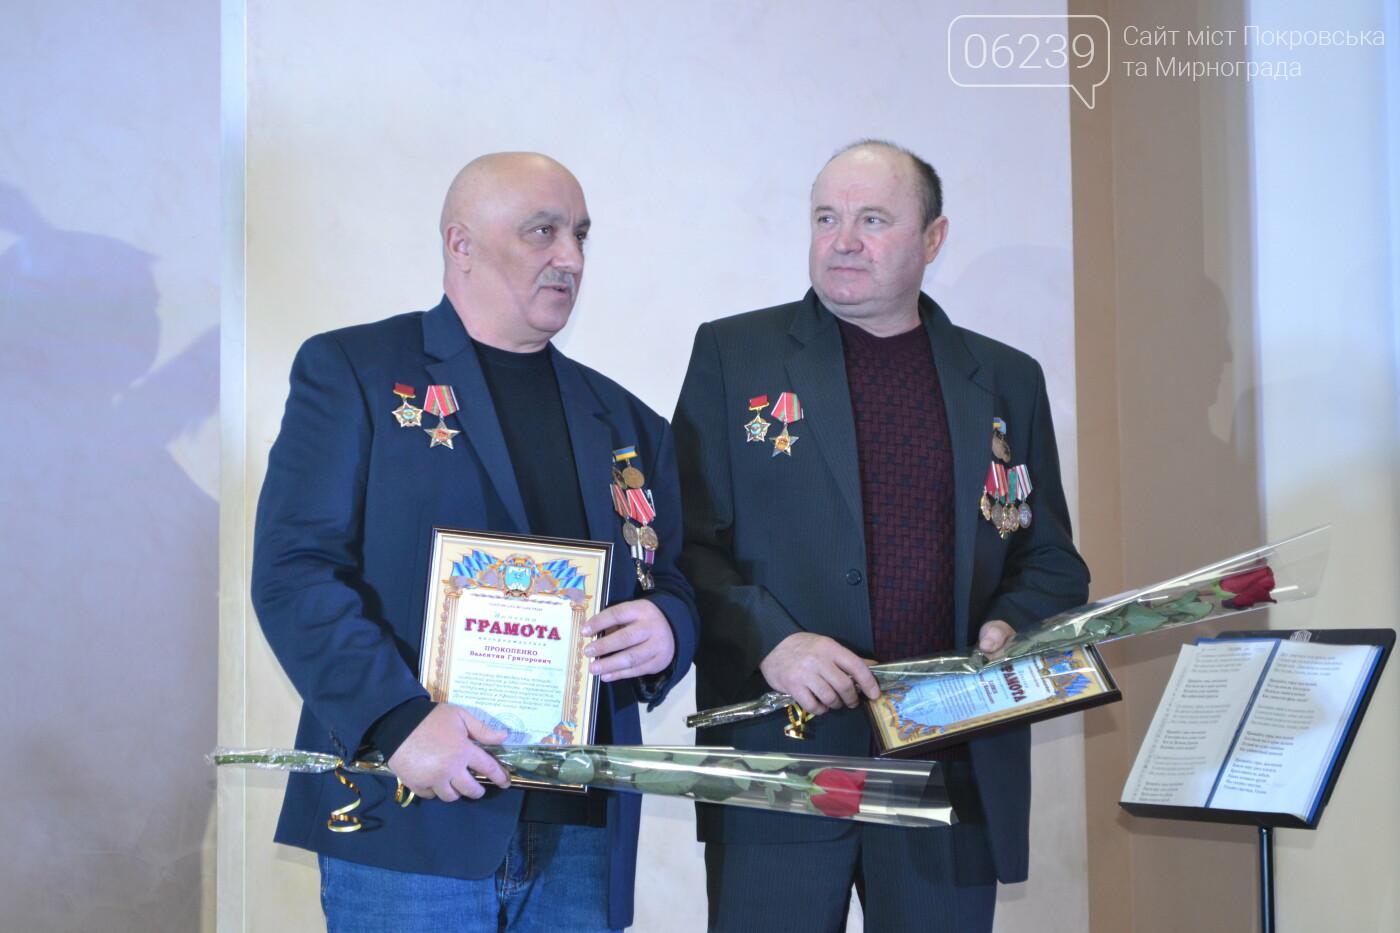 В Покровске и Мирнограде отметили 32-ю годовщину вывода войск из Афганистана, фото-11